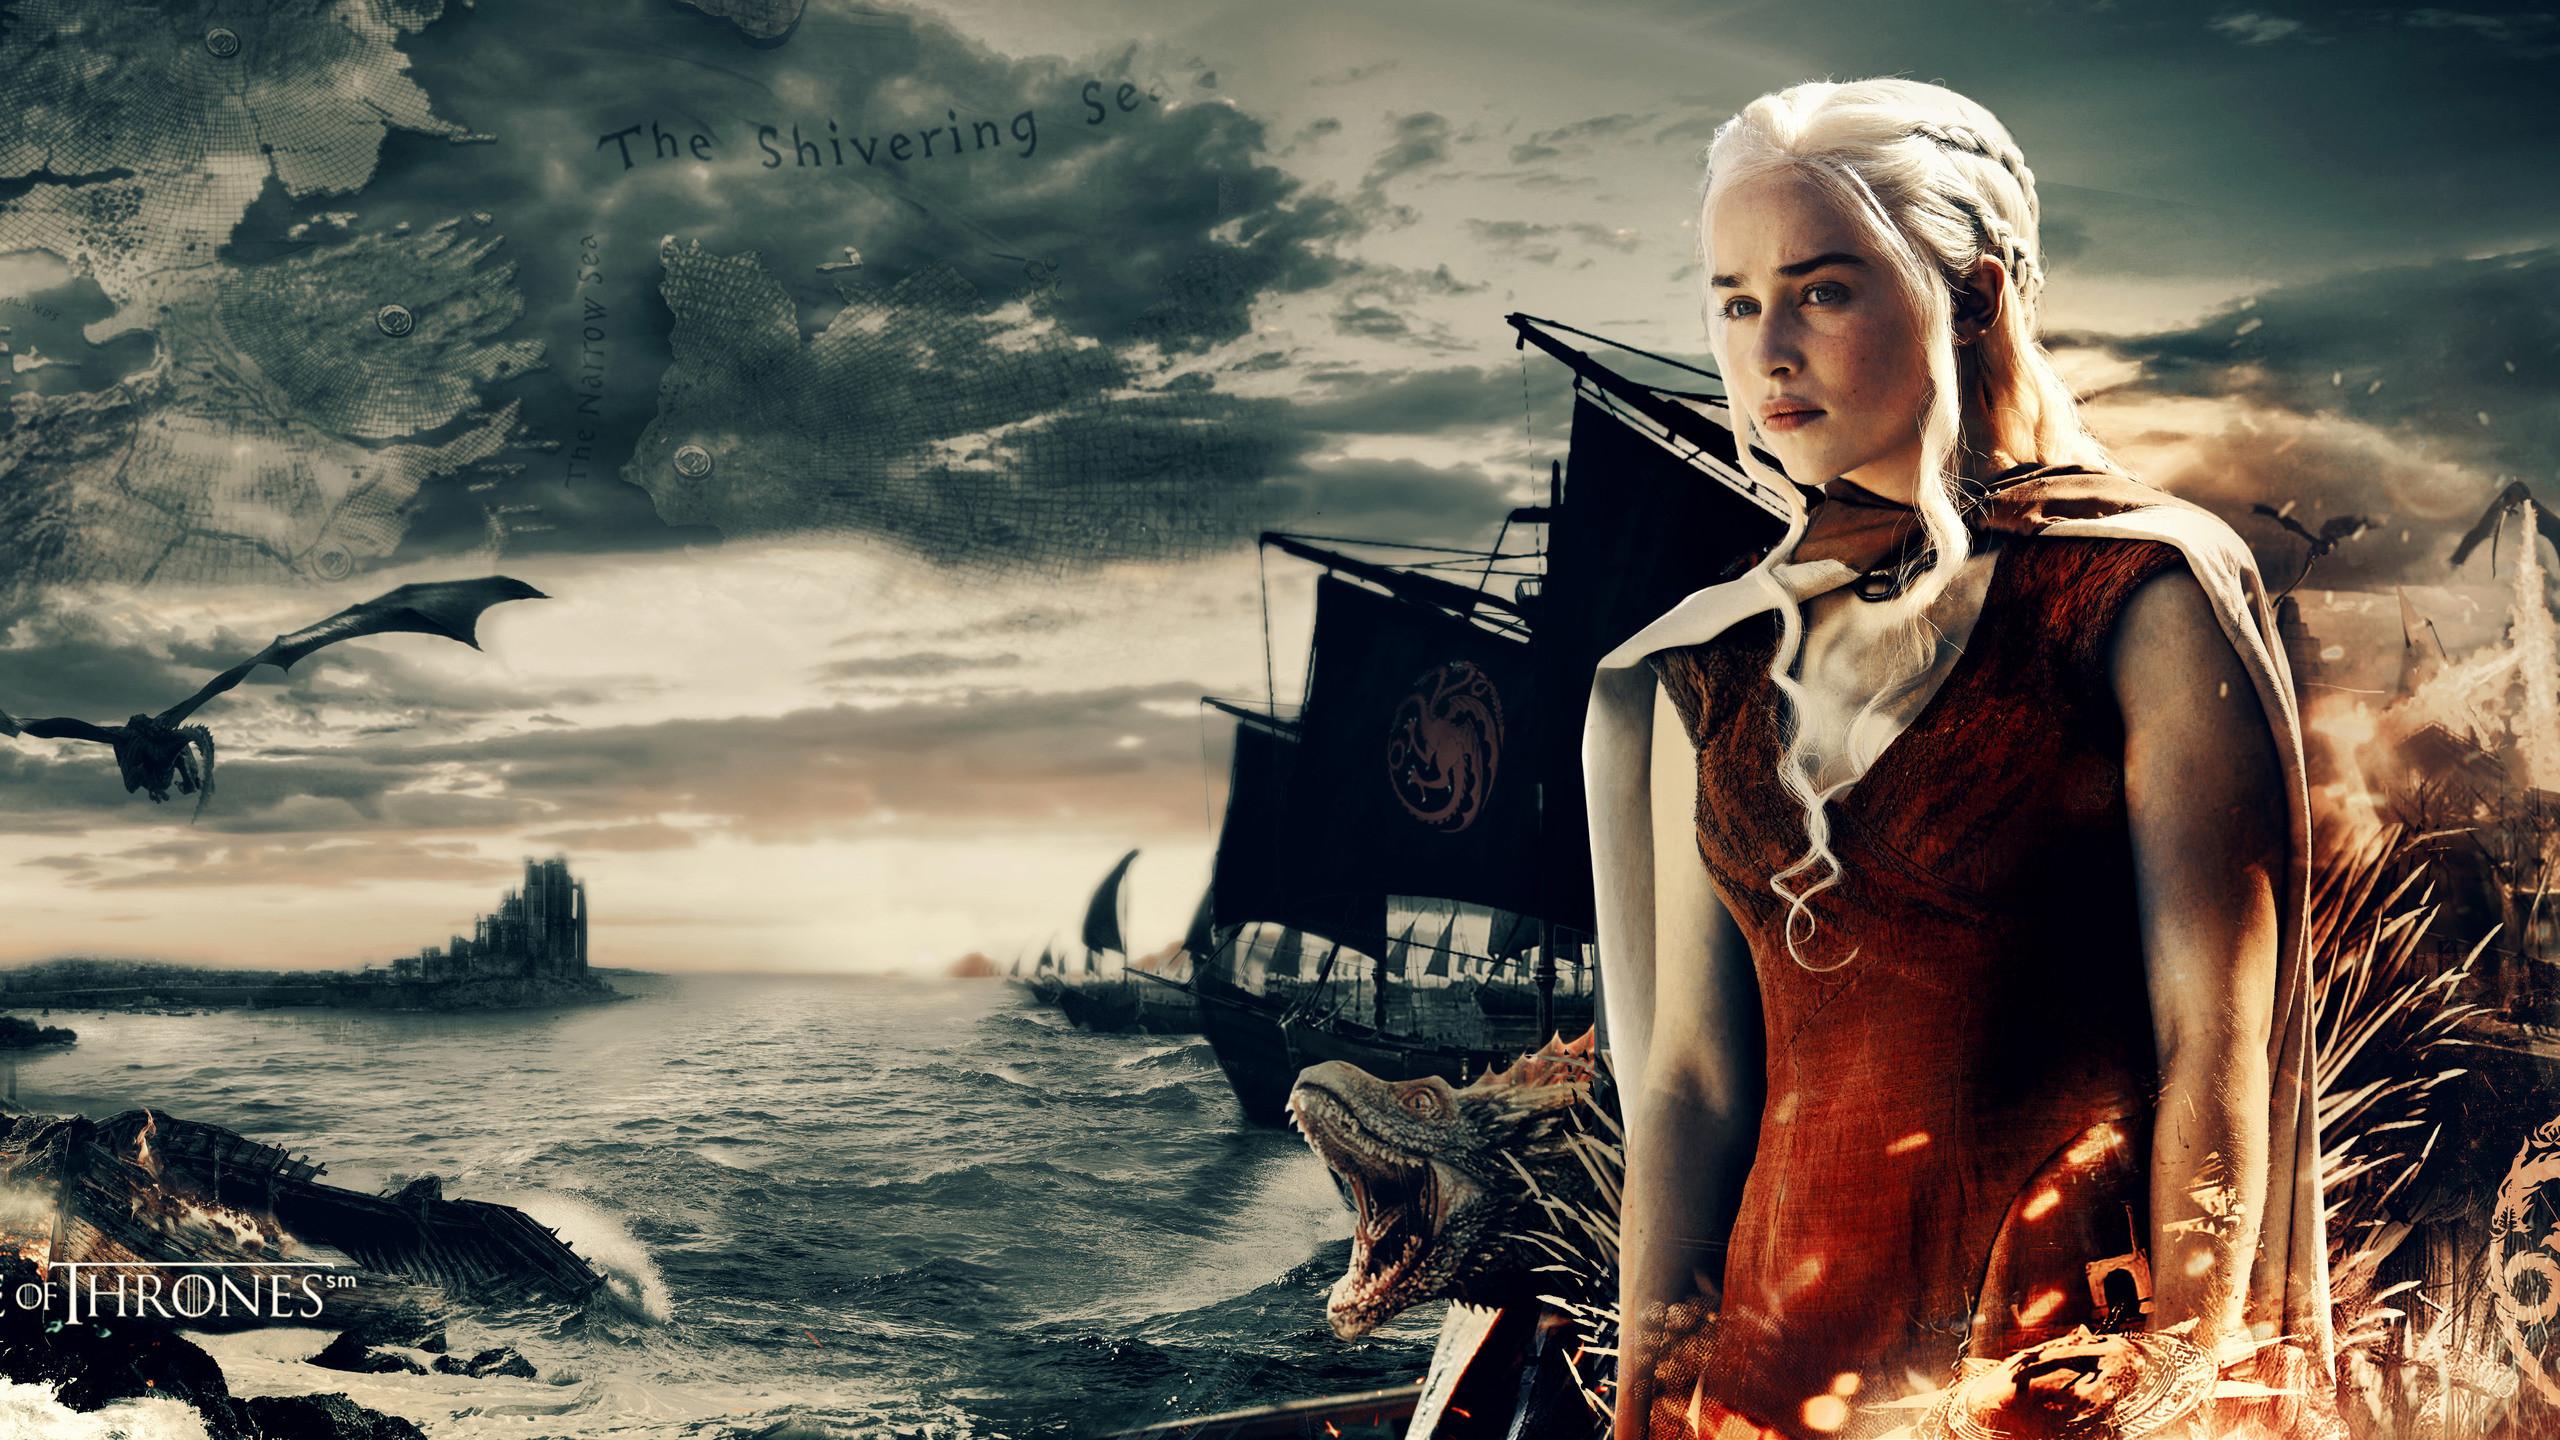 daenerys-targaryen-5k-to.jpg